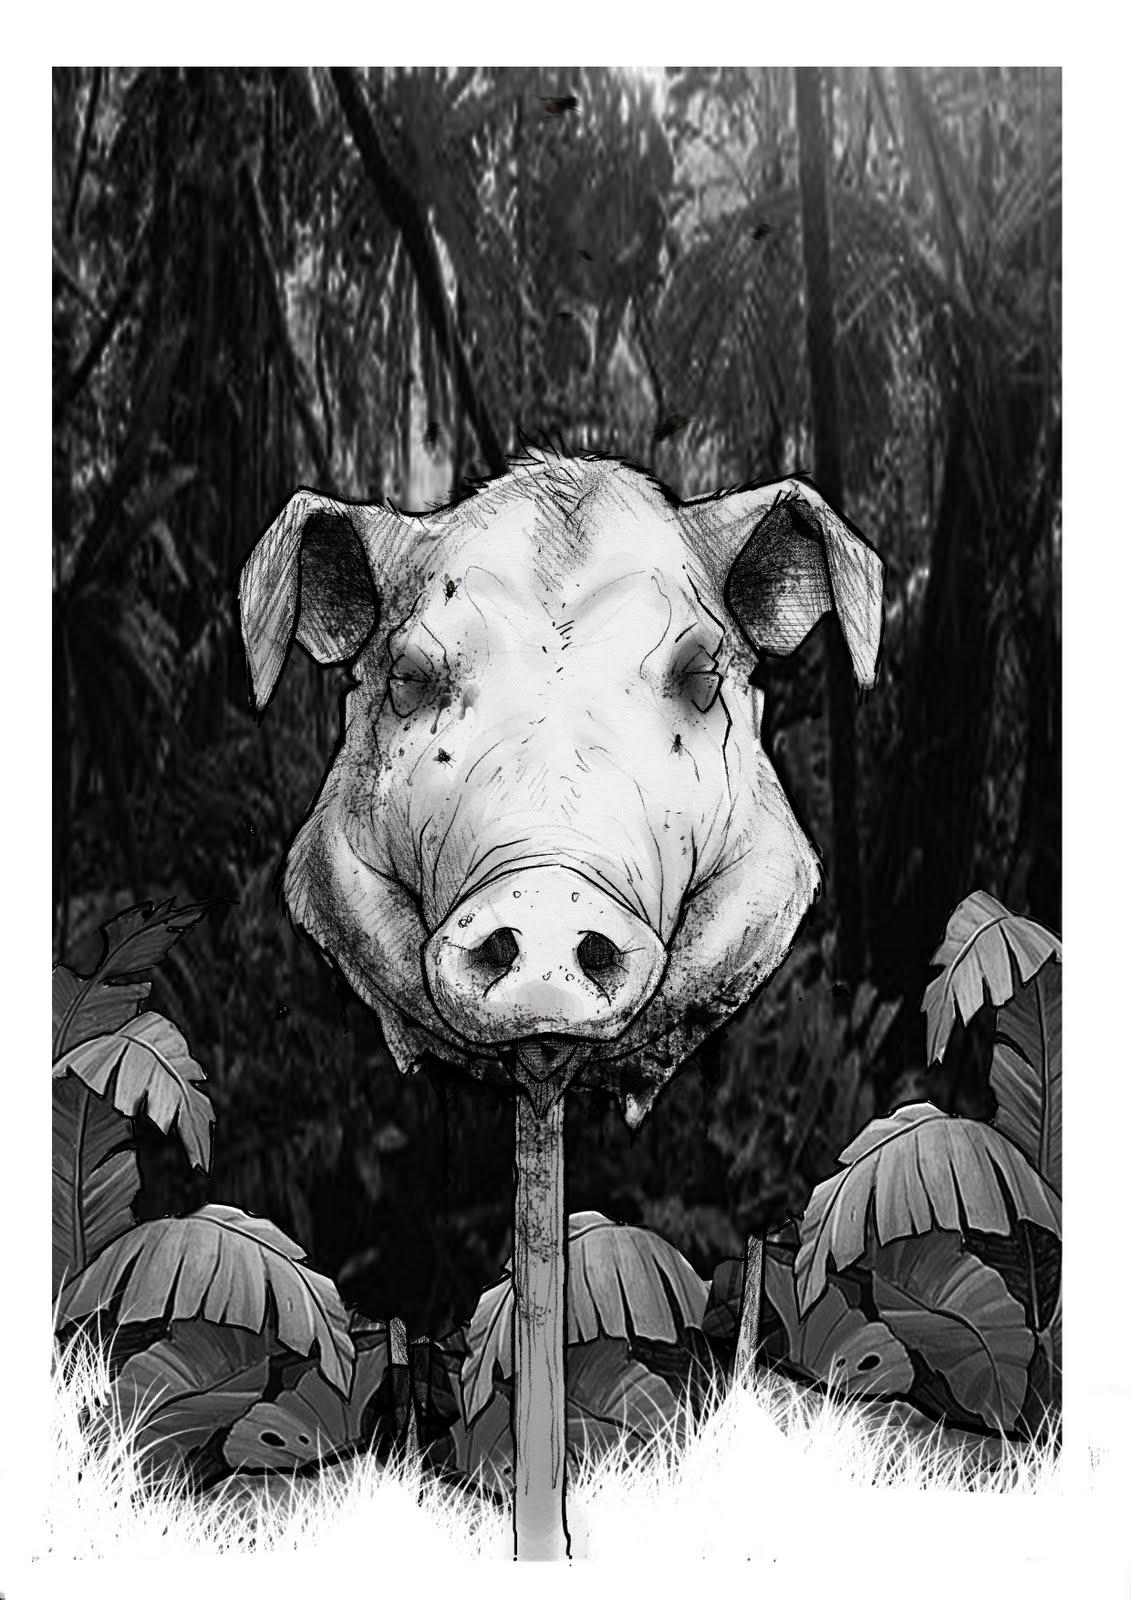 Lord Flies Pig Head Drawing